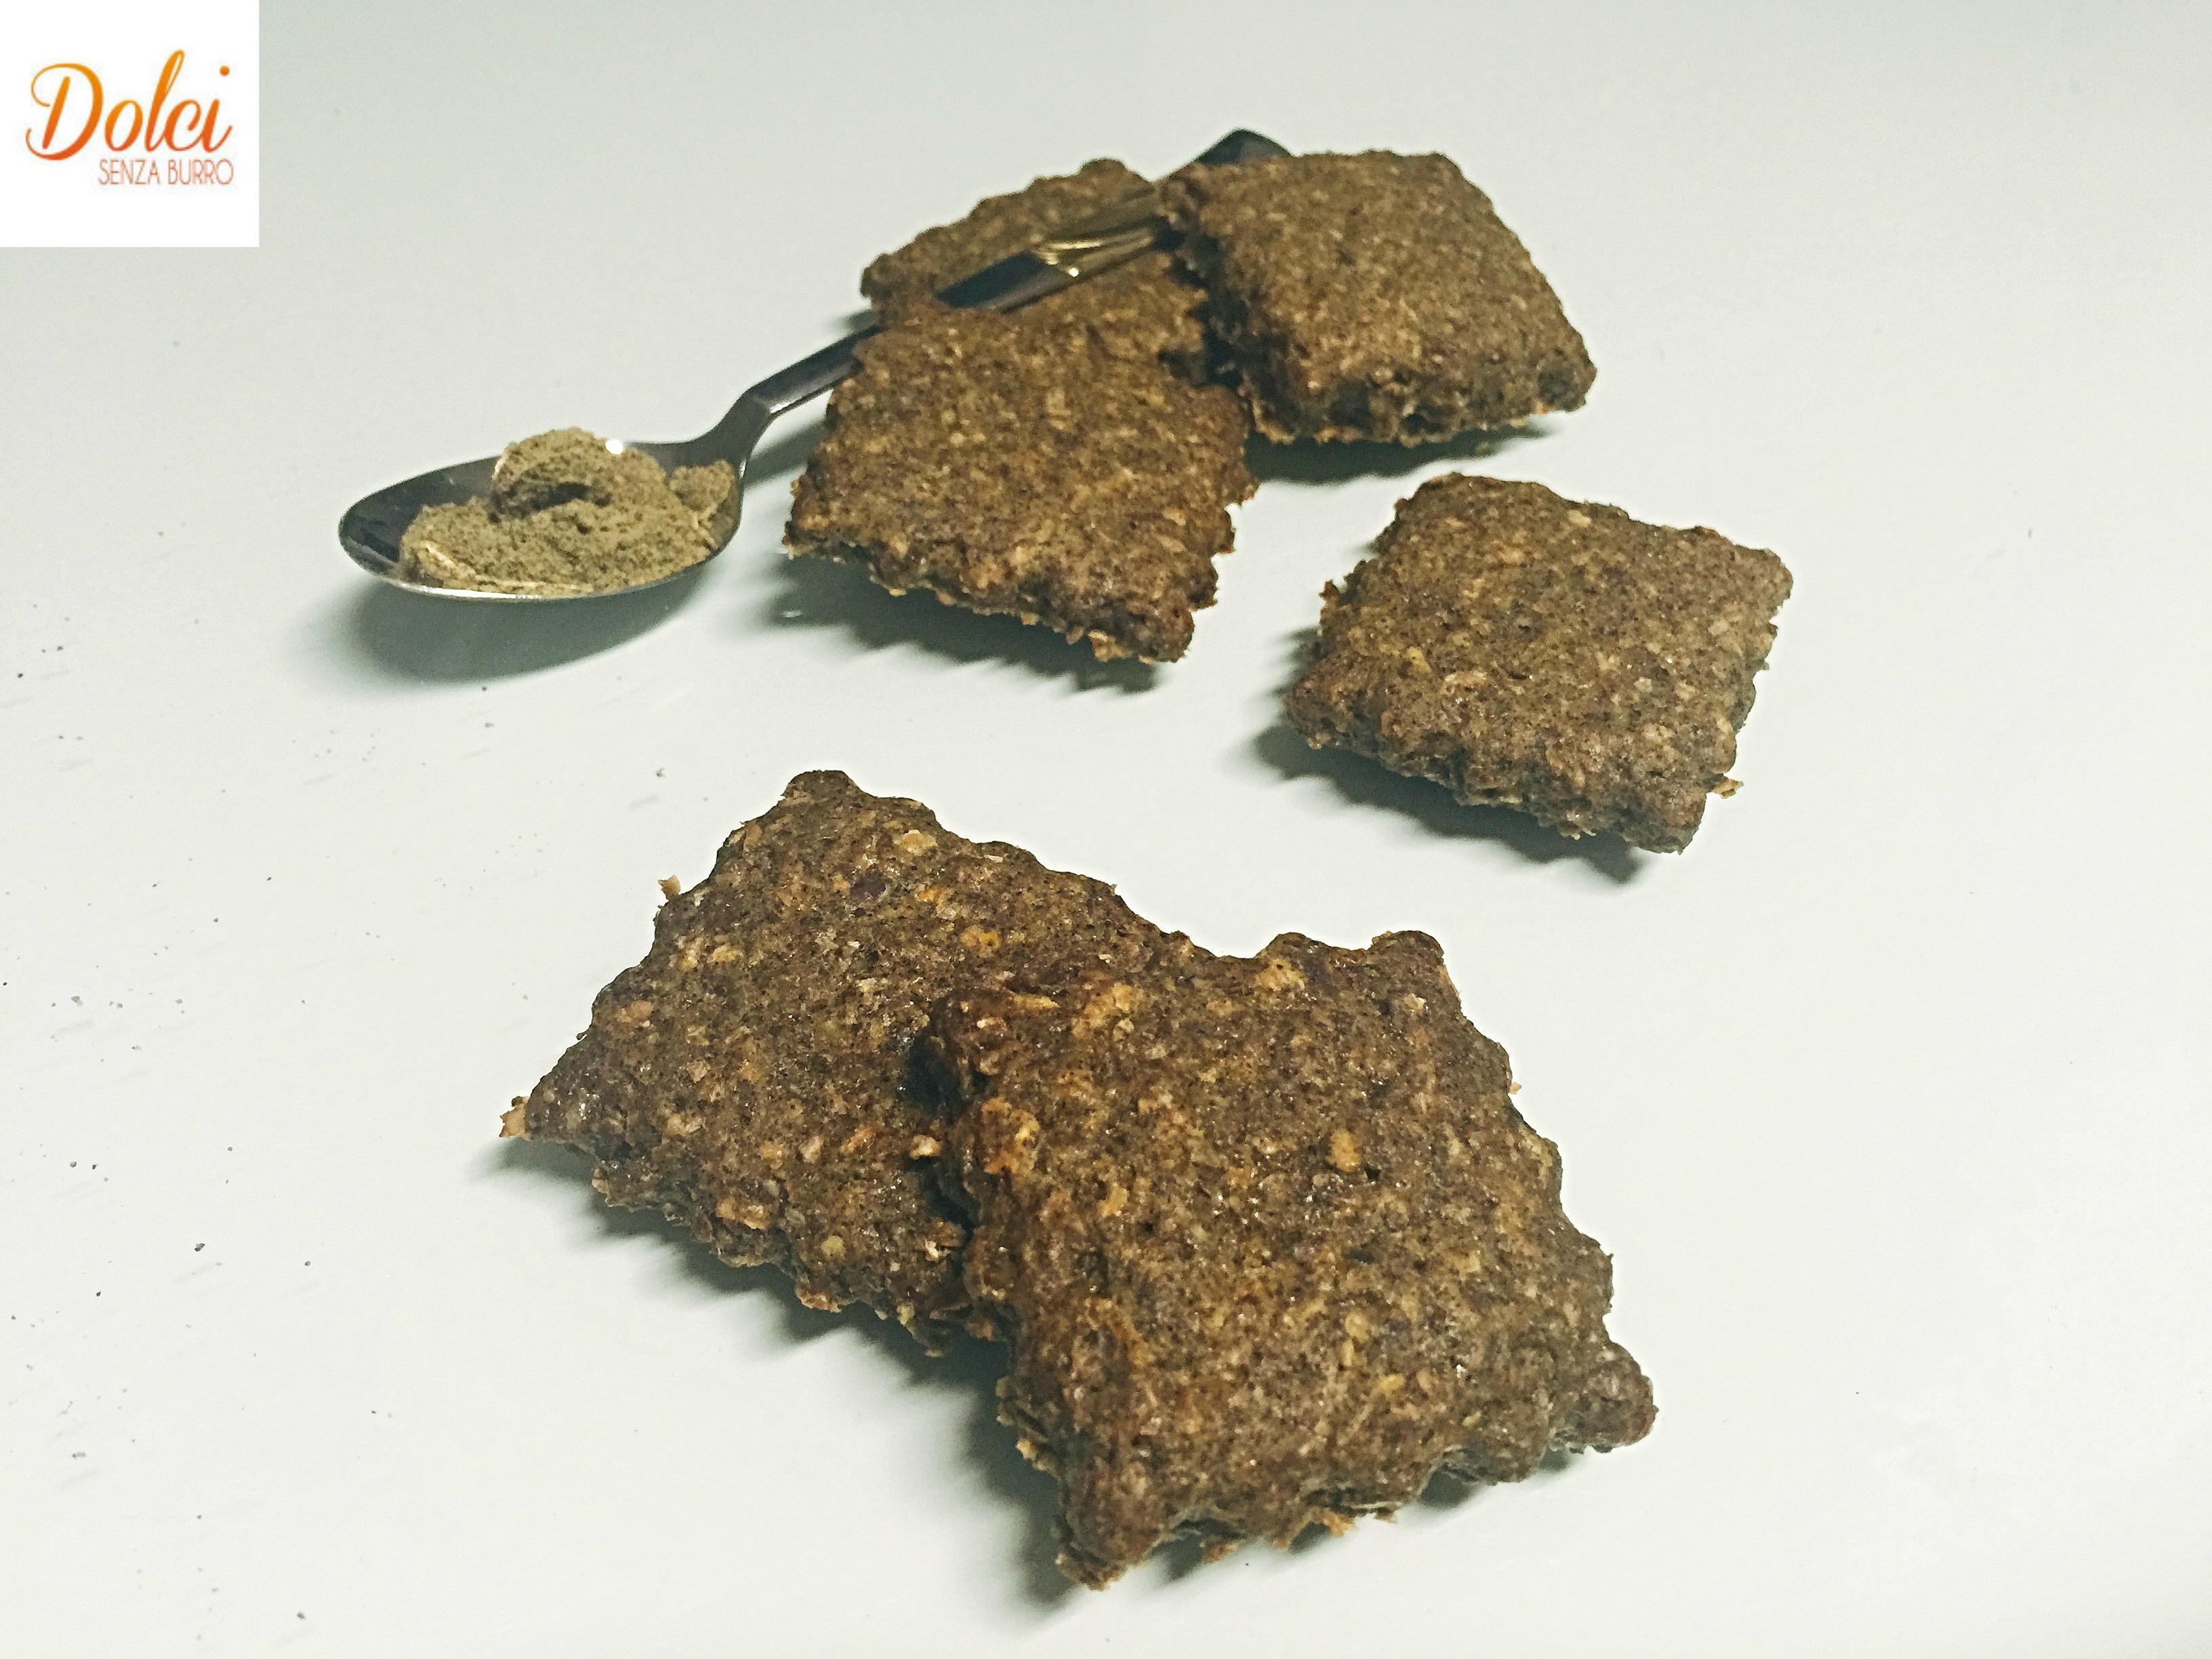 Biscotti con Farina di Canapa Senza Burro, dei biscotti light dal gusto originale adatti a intolleranti al lattosio, alle uova, ai vegani e ai celiaci di dolci senza burro